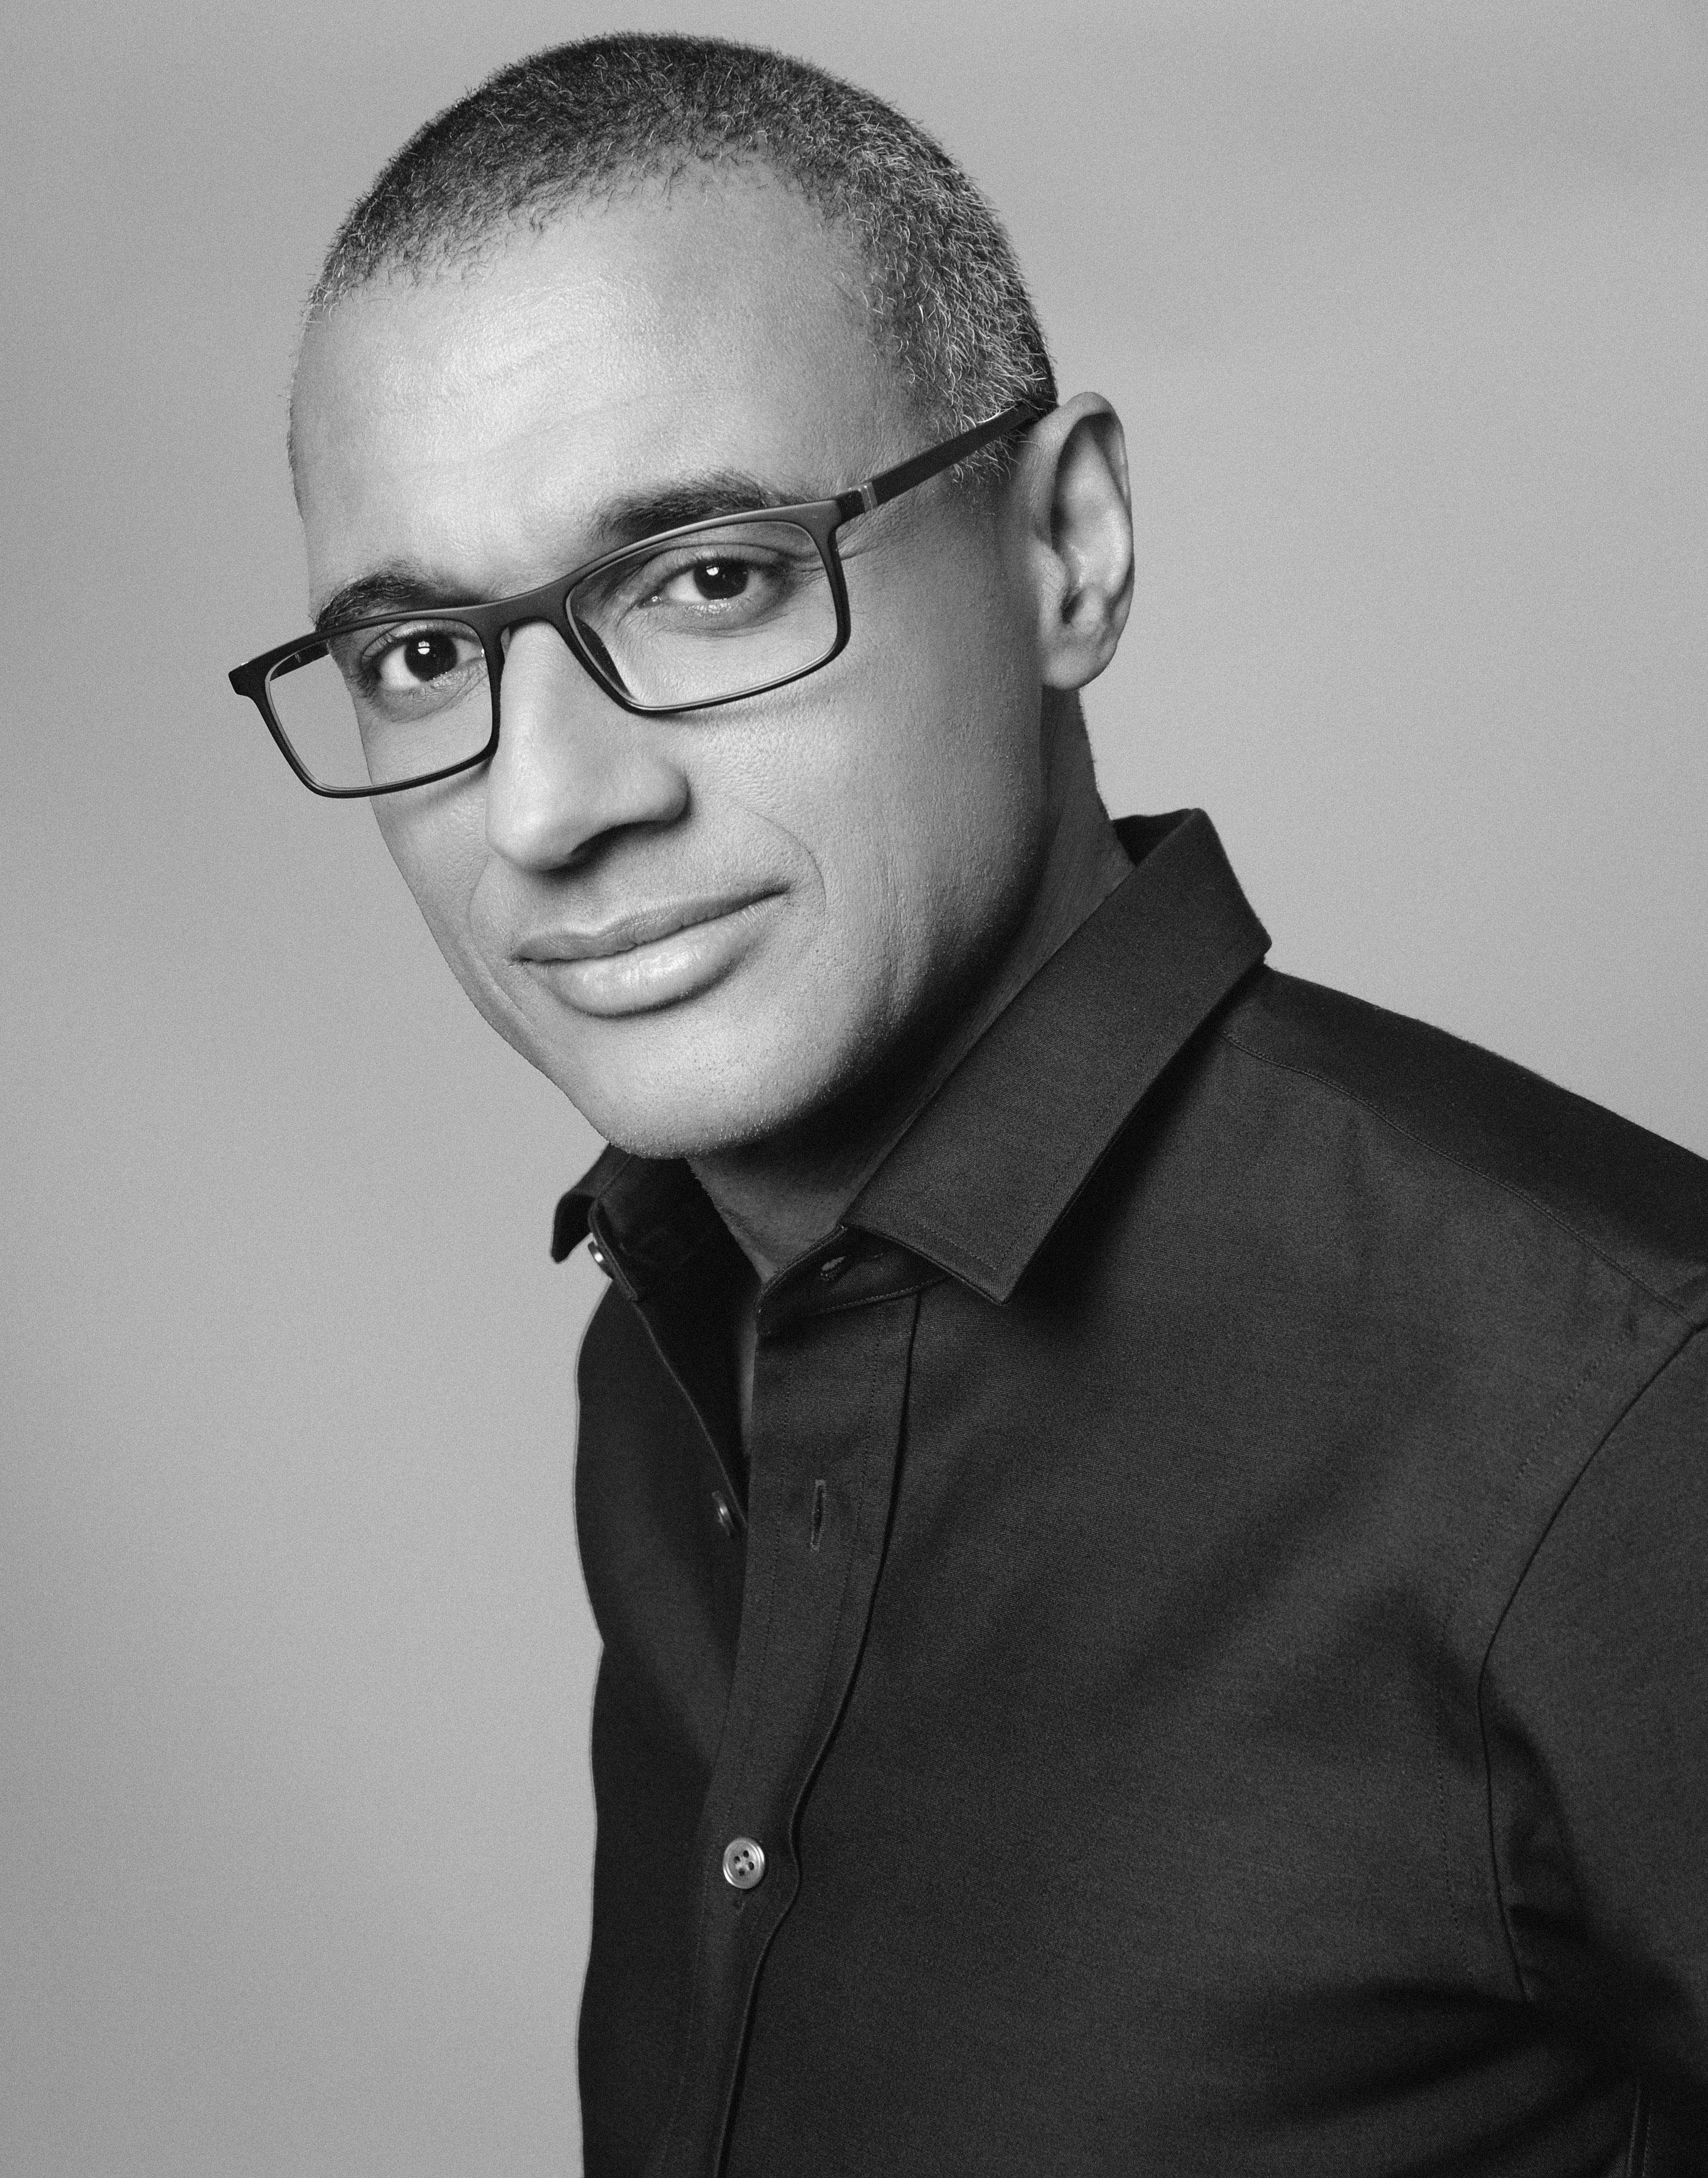 Olivier Laouchez, CEO (c) Jeffrey Sales